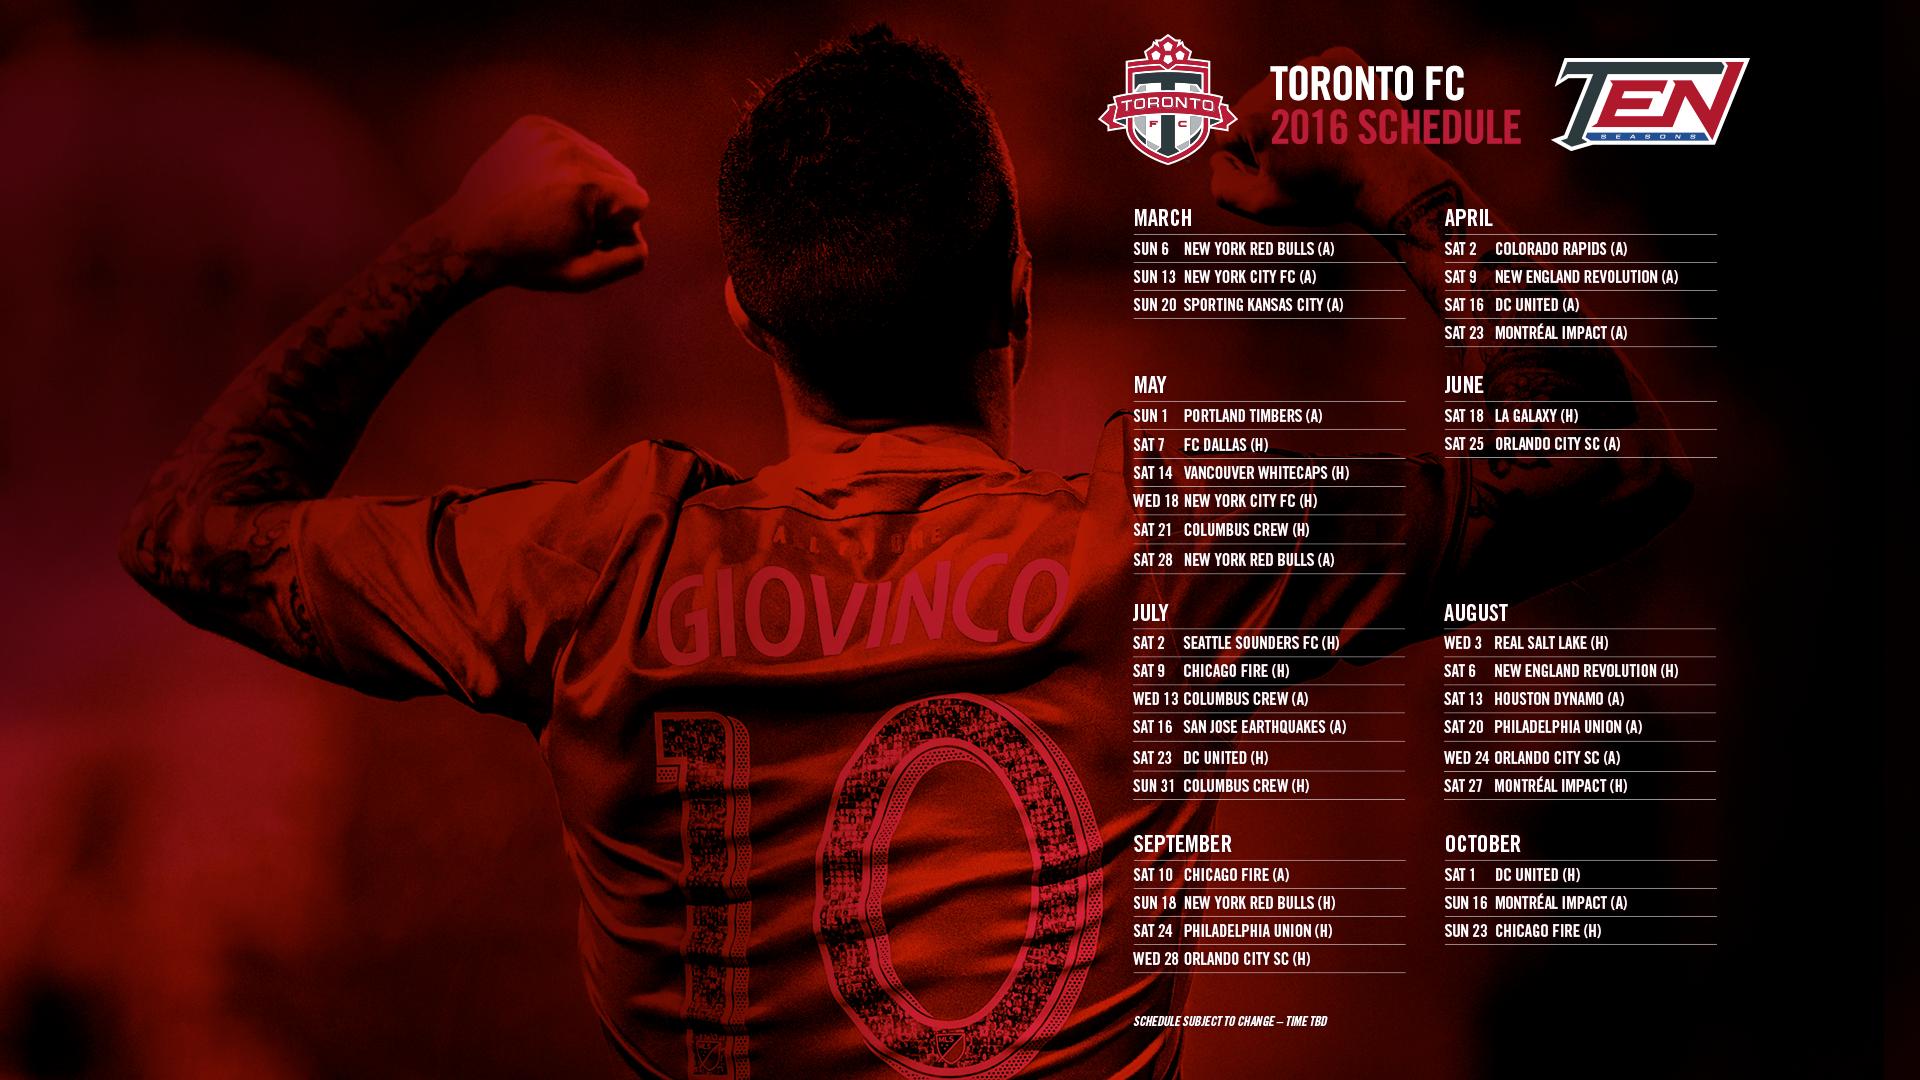 Toronto FC mls soccer sports wallpaper 1920x1080 1188539 1920x1080